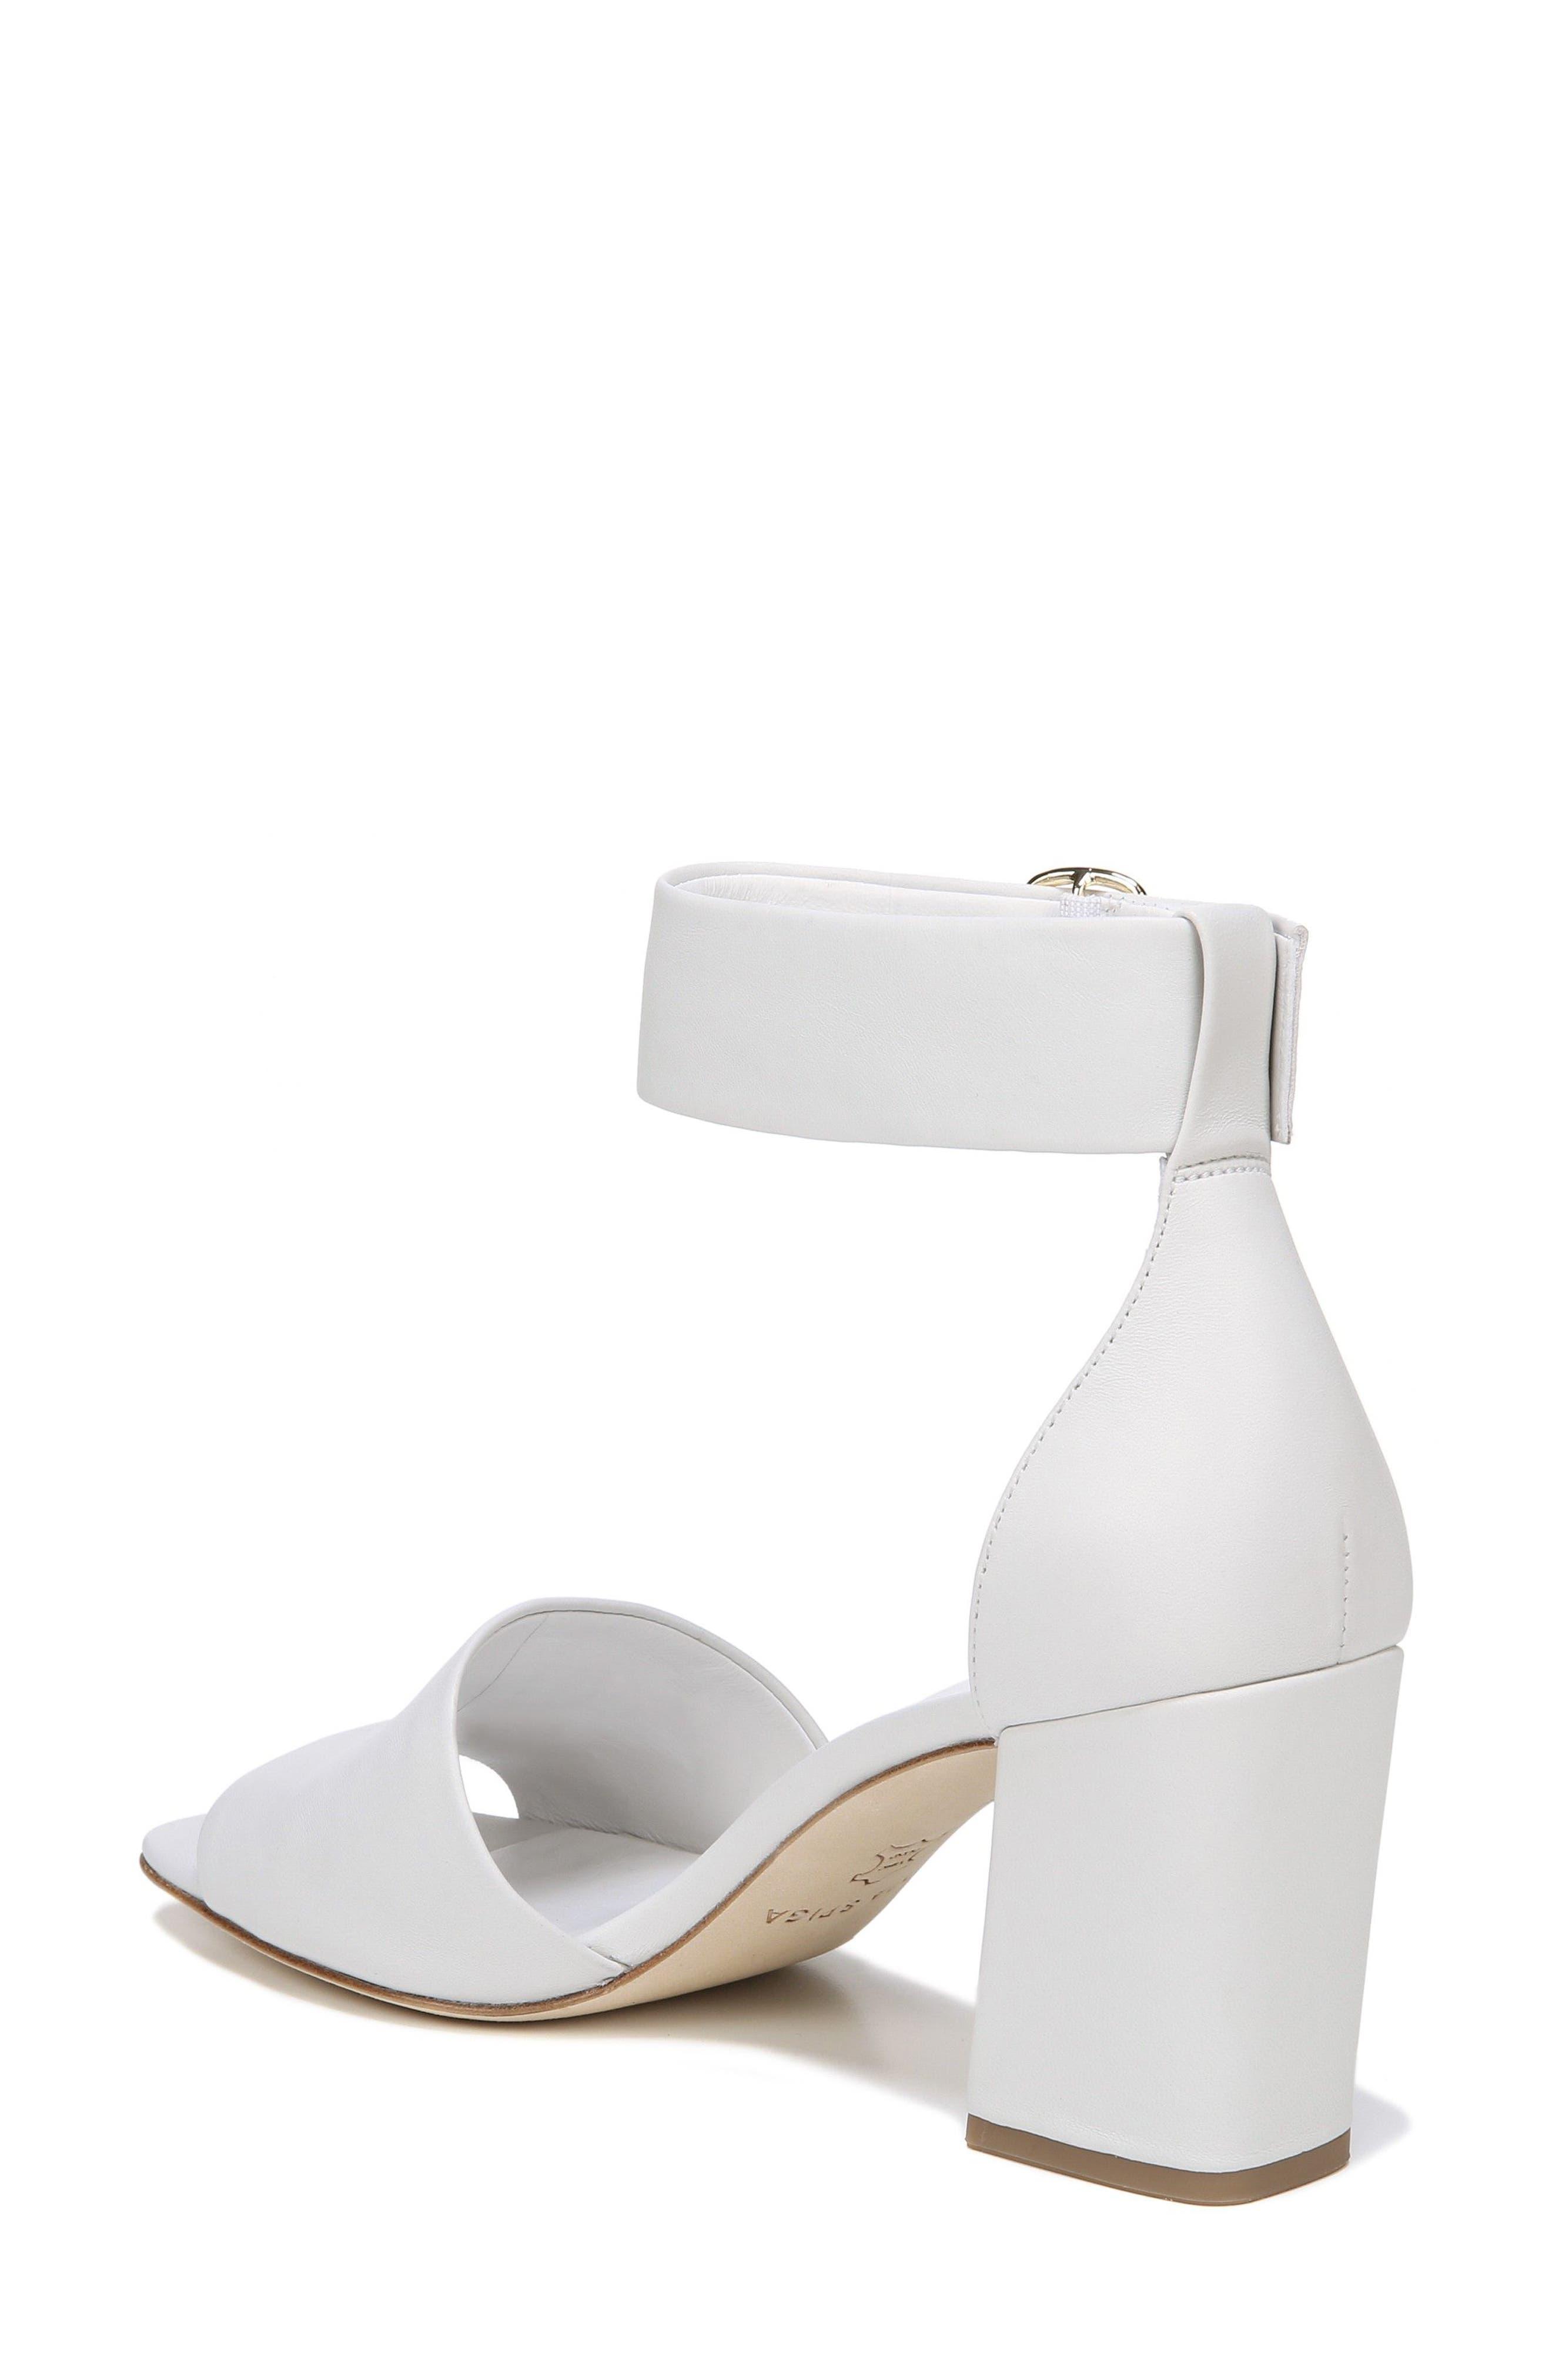 Evonne Ankle Strap Sandal,                             Alternate thumbnail 2, color,                             100